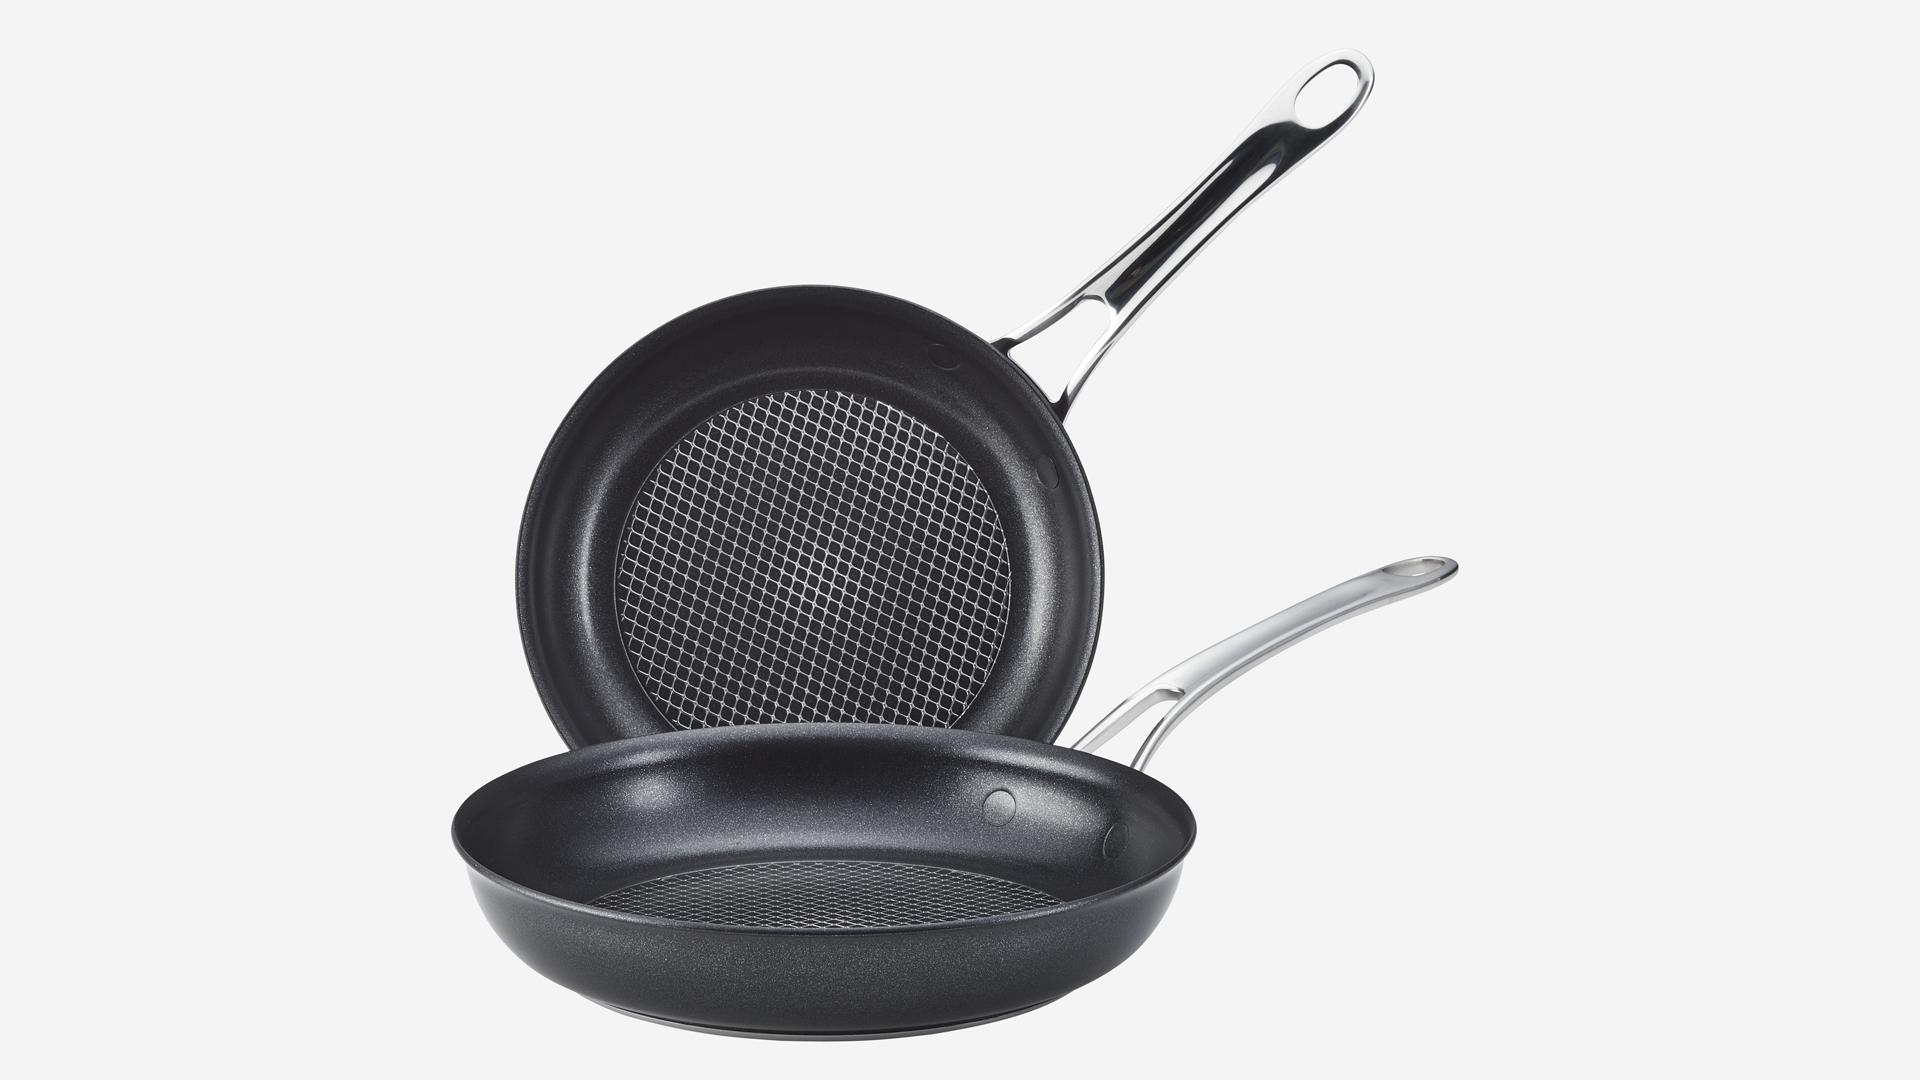 Anolon Non Stick Hybrid Pan Set